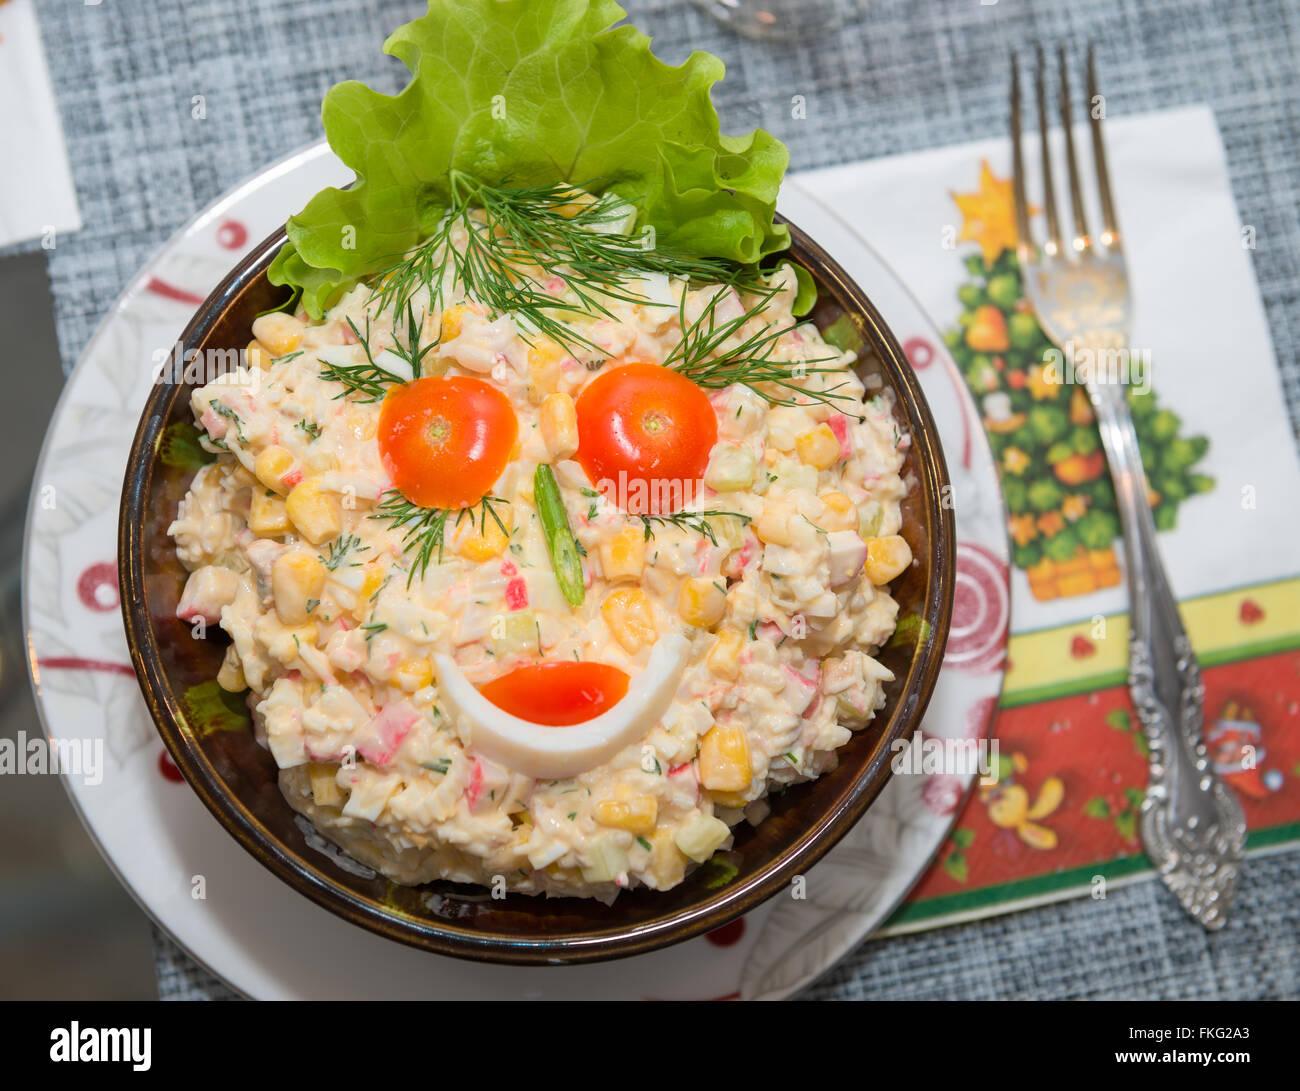 Essen Dekoration essen hintergrund salat olivier nahaufnahme grüne erbsen gurken